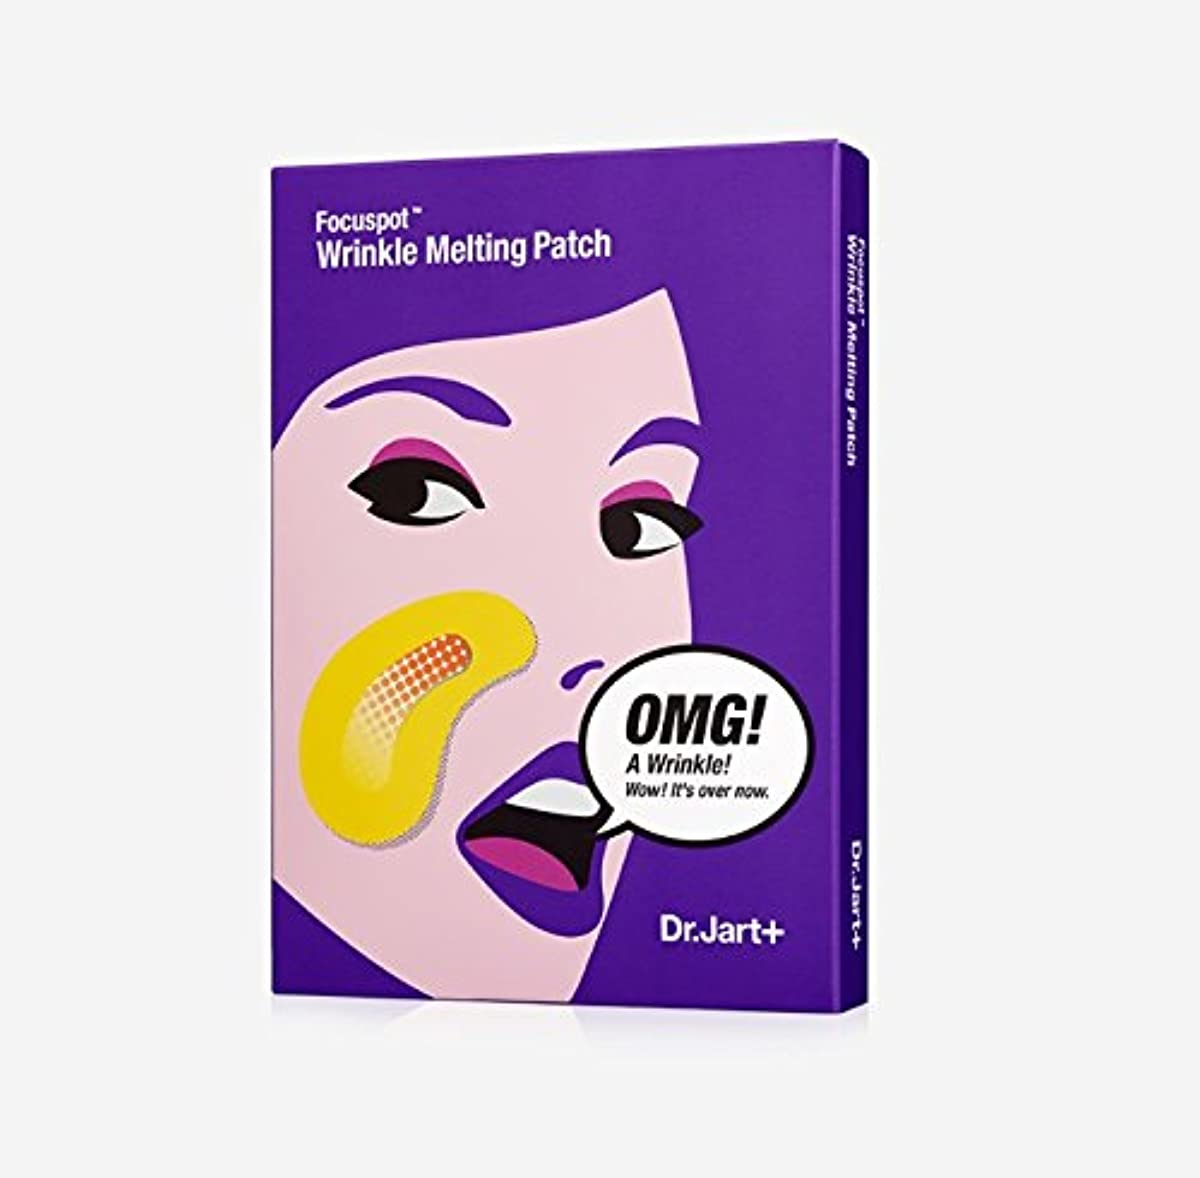 直感可能にする崇拝します[Dr.Jart+] ドクタージャルトゥ ポーカースポット リンクル メルティング パッチ 5回分/Focuspot Wrinkle Melting Patch [並行輸入品]